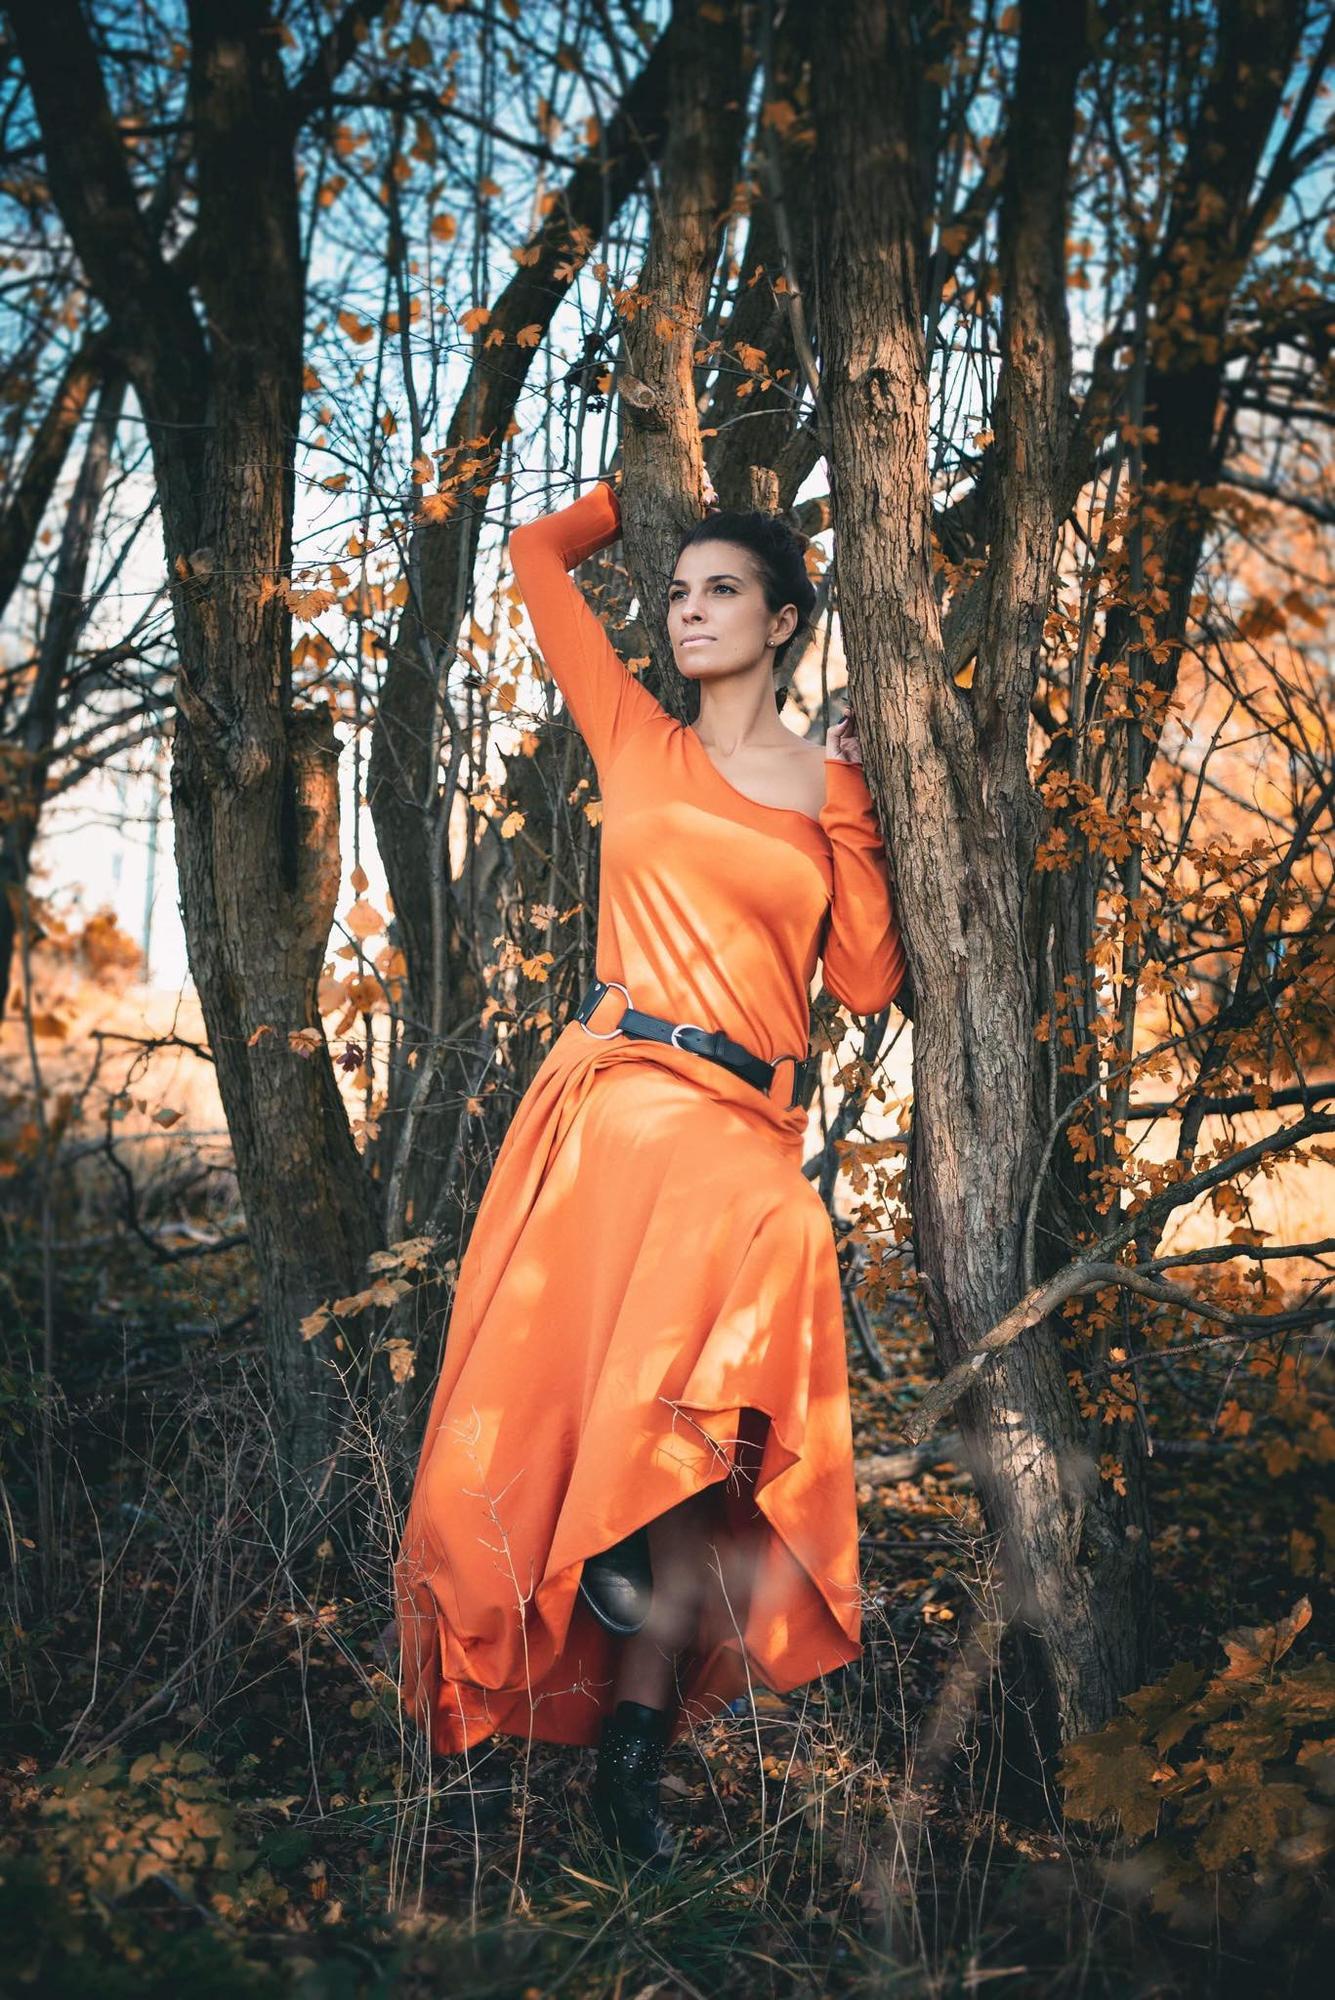 Sukienka Carmen przyjemna w dotyku duży dekolt odkryte ramiona pomarańczowa - Agi Jensen Design